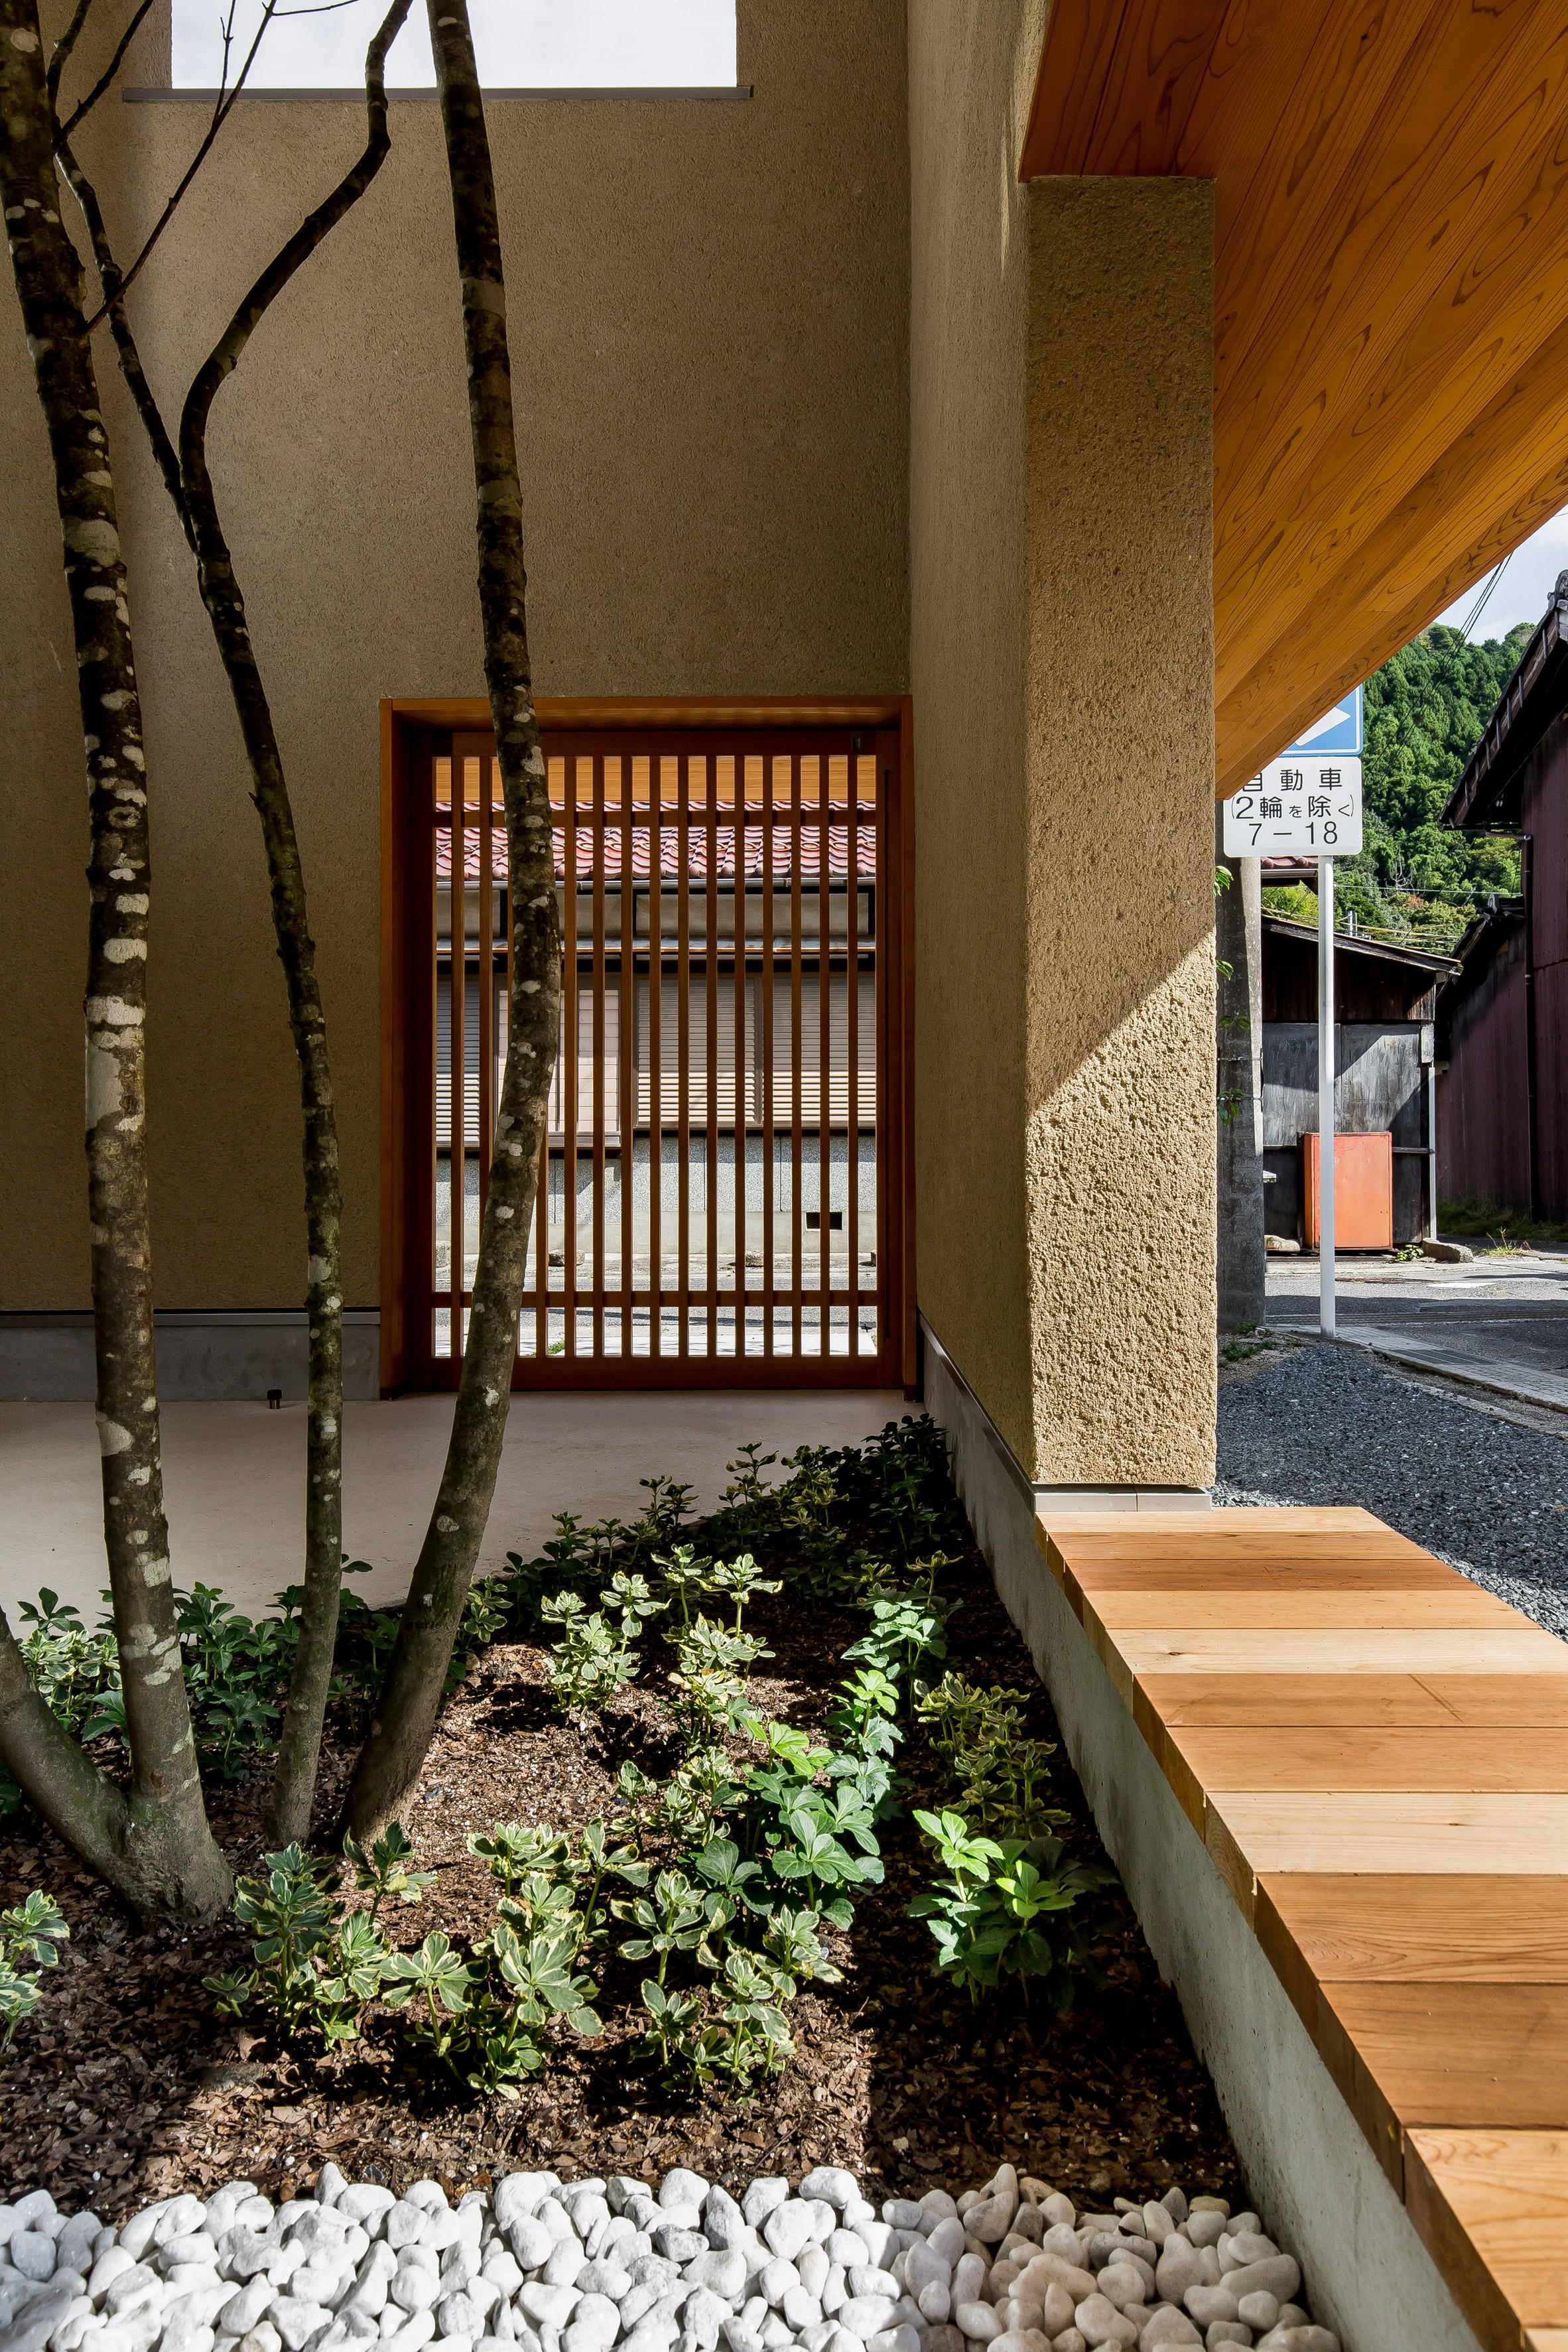 Ngôi nhà có khoảng sân vườn thiết kế nghệ thuật giúp từng góc nhỏ bên trong đều đẹp như tranh vẽ - Ảnh 3.